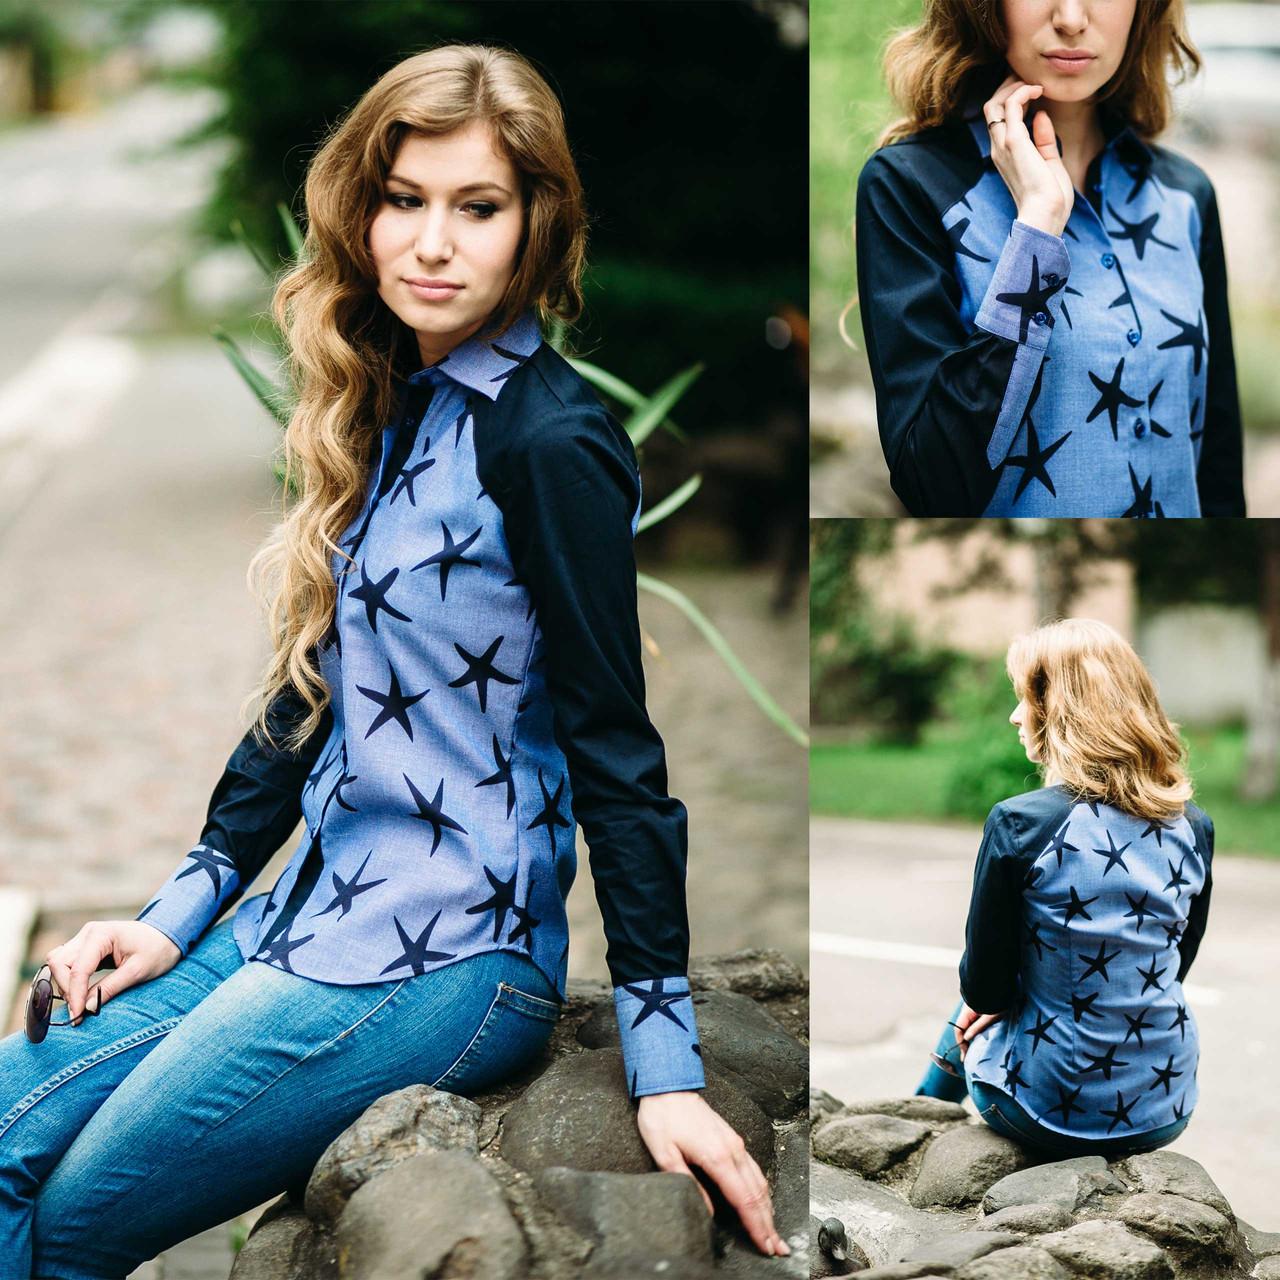 44c06d1d8c87be9 Рубашка женская джинсовая. Длинный рукав, контрастная отделка,  полуприталенная. Разм. M,XXL.Davanti.